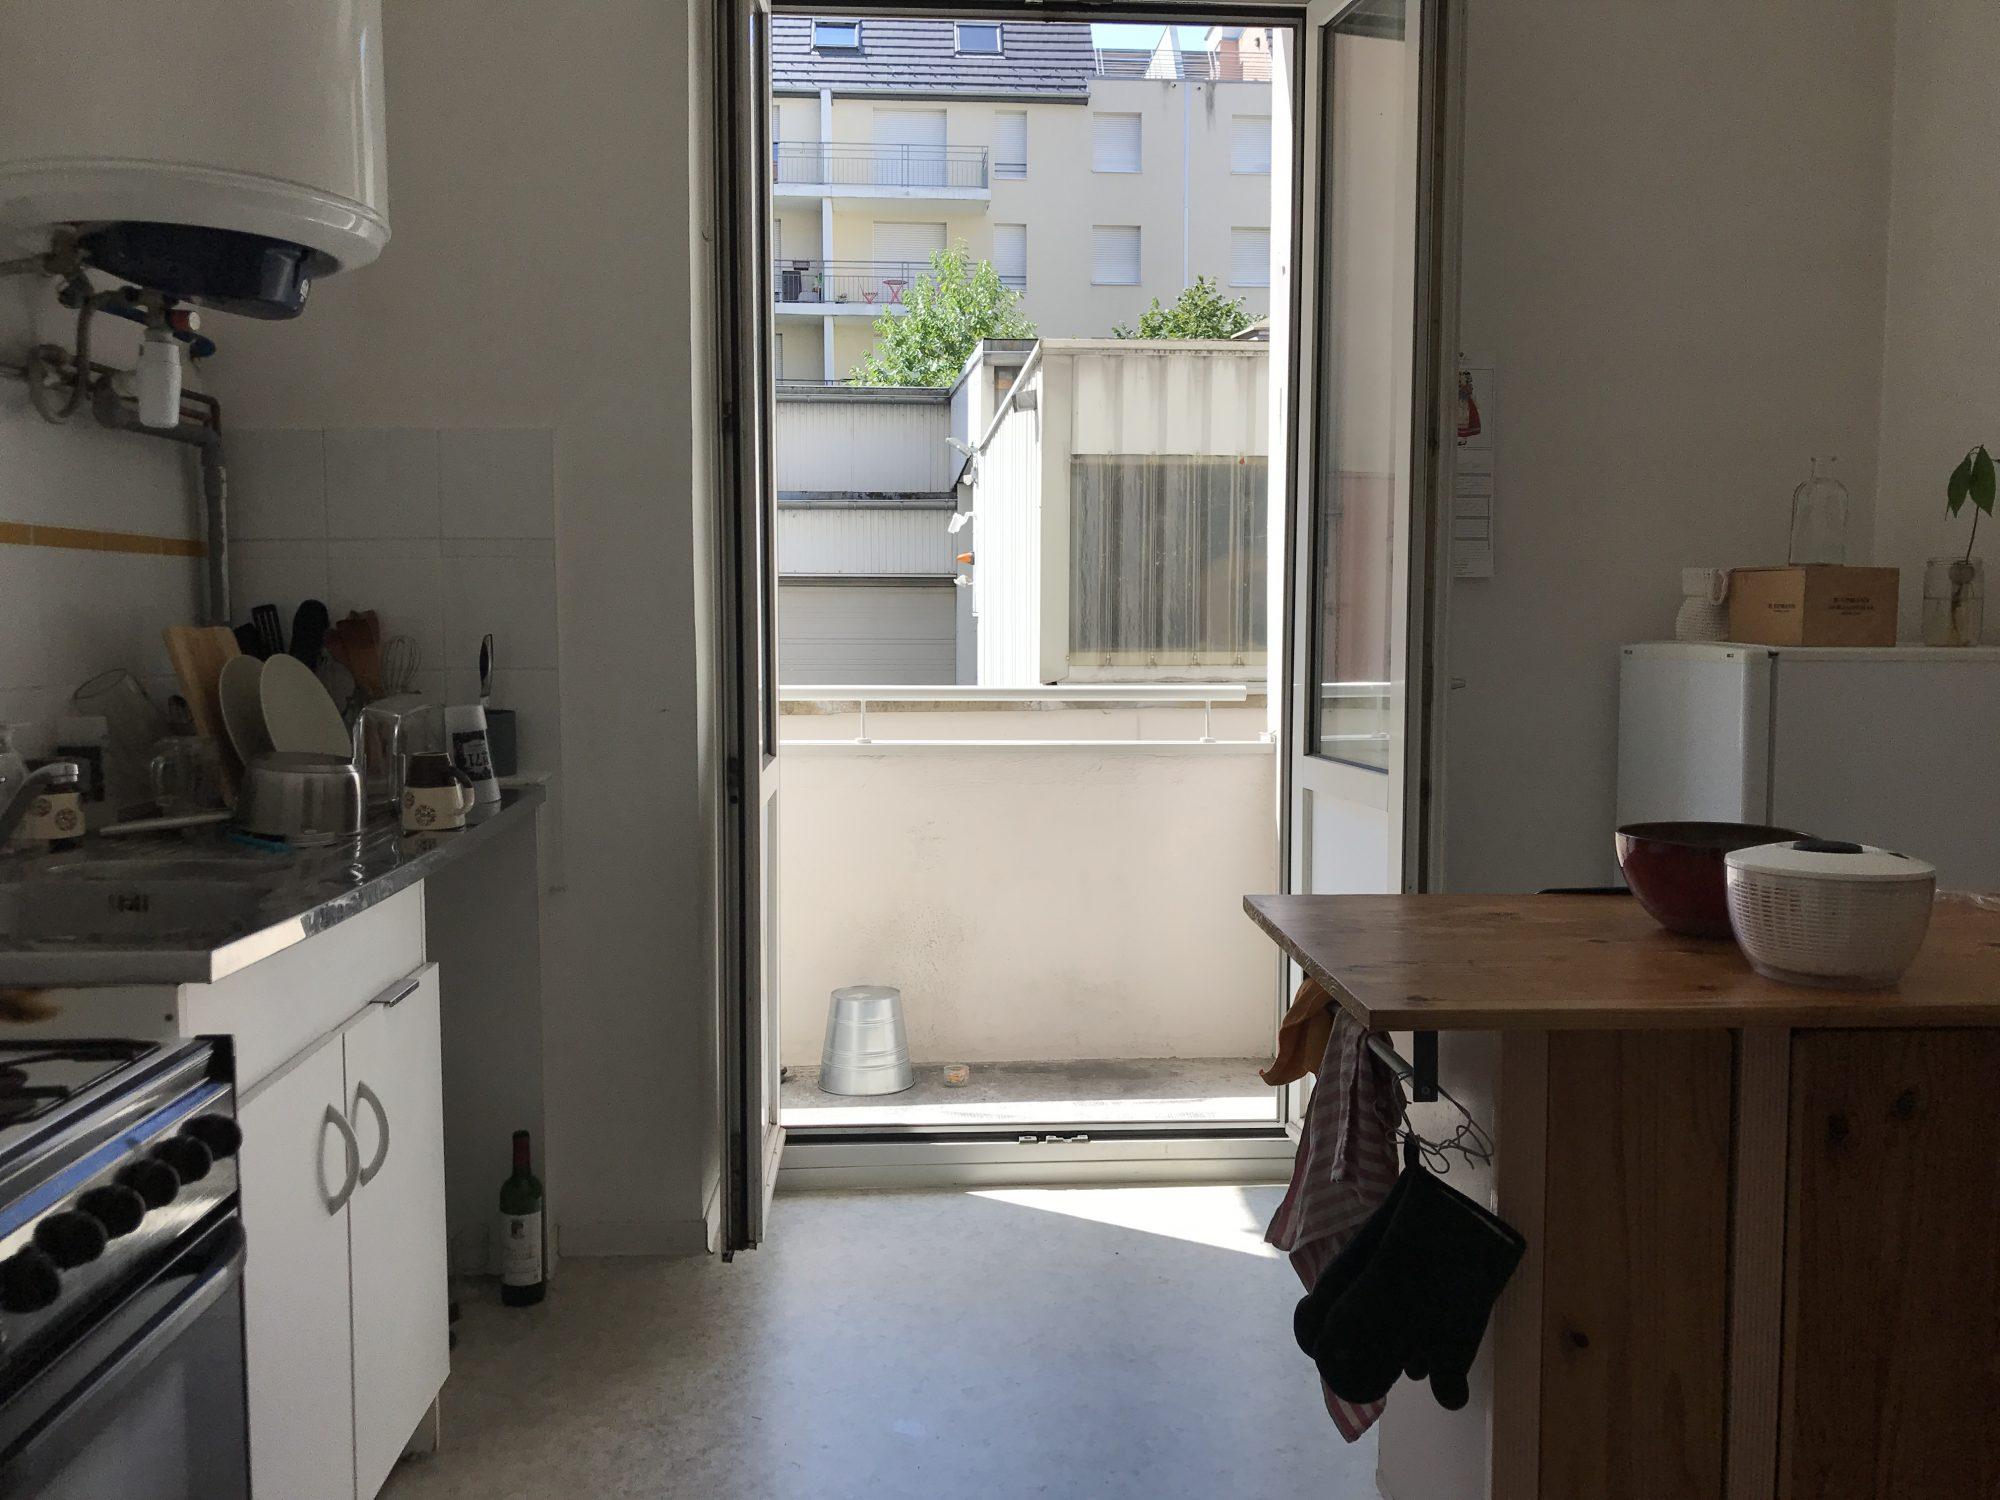 3 pièces proche de la Faculté de Médecine et de la Gare SNCF - Devenez locataire en toute sérénité - Bintz Immobilier - 6